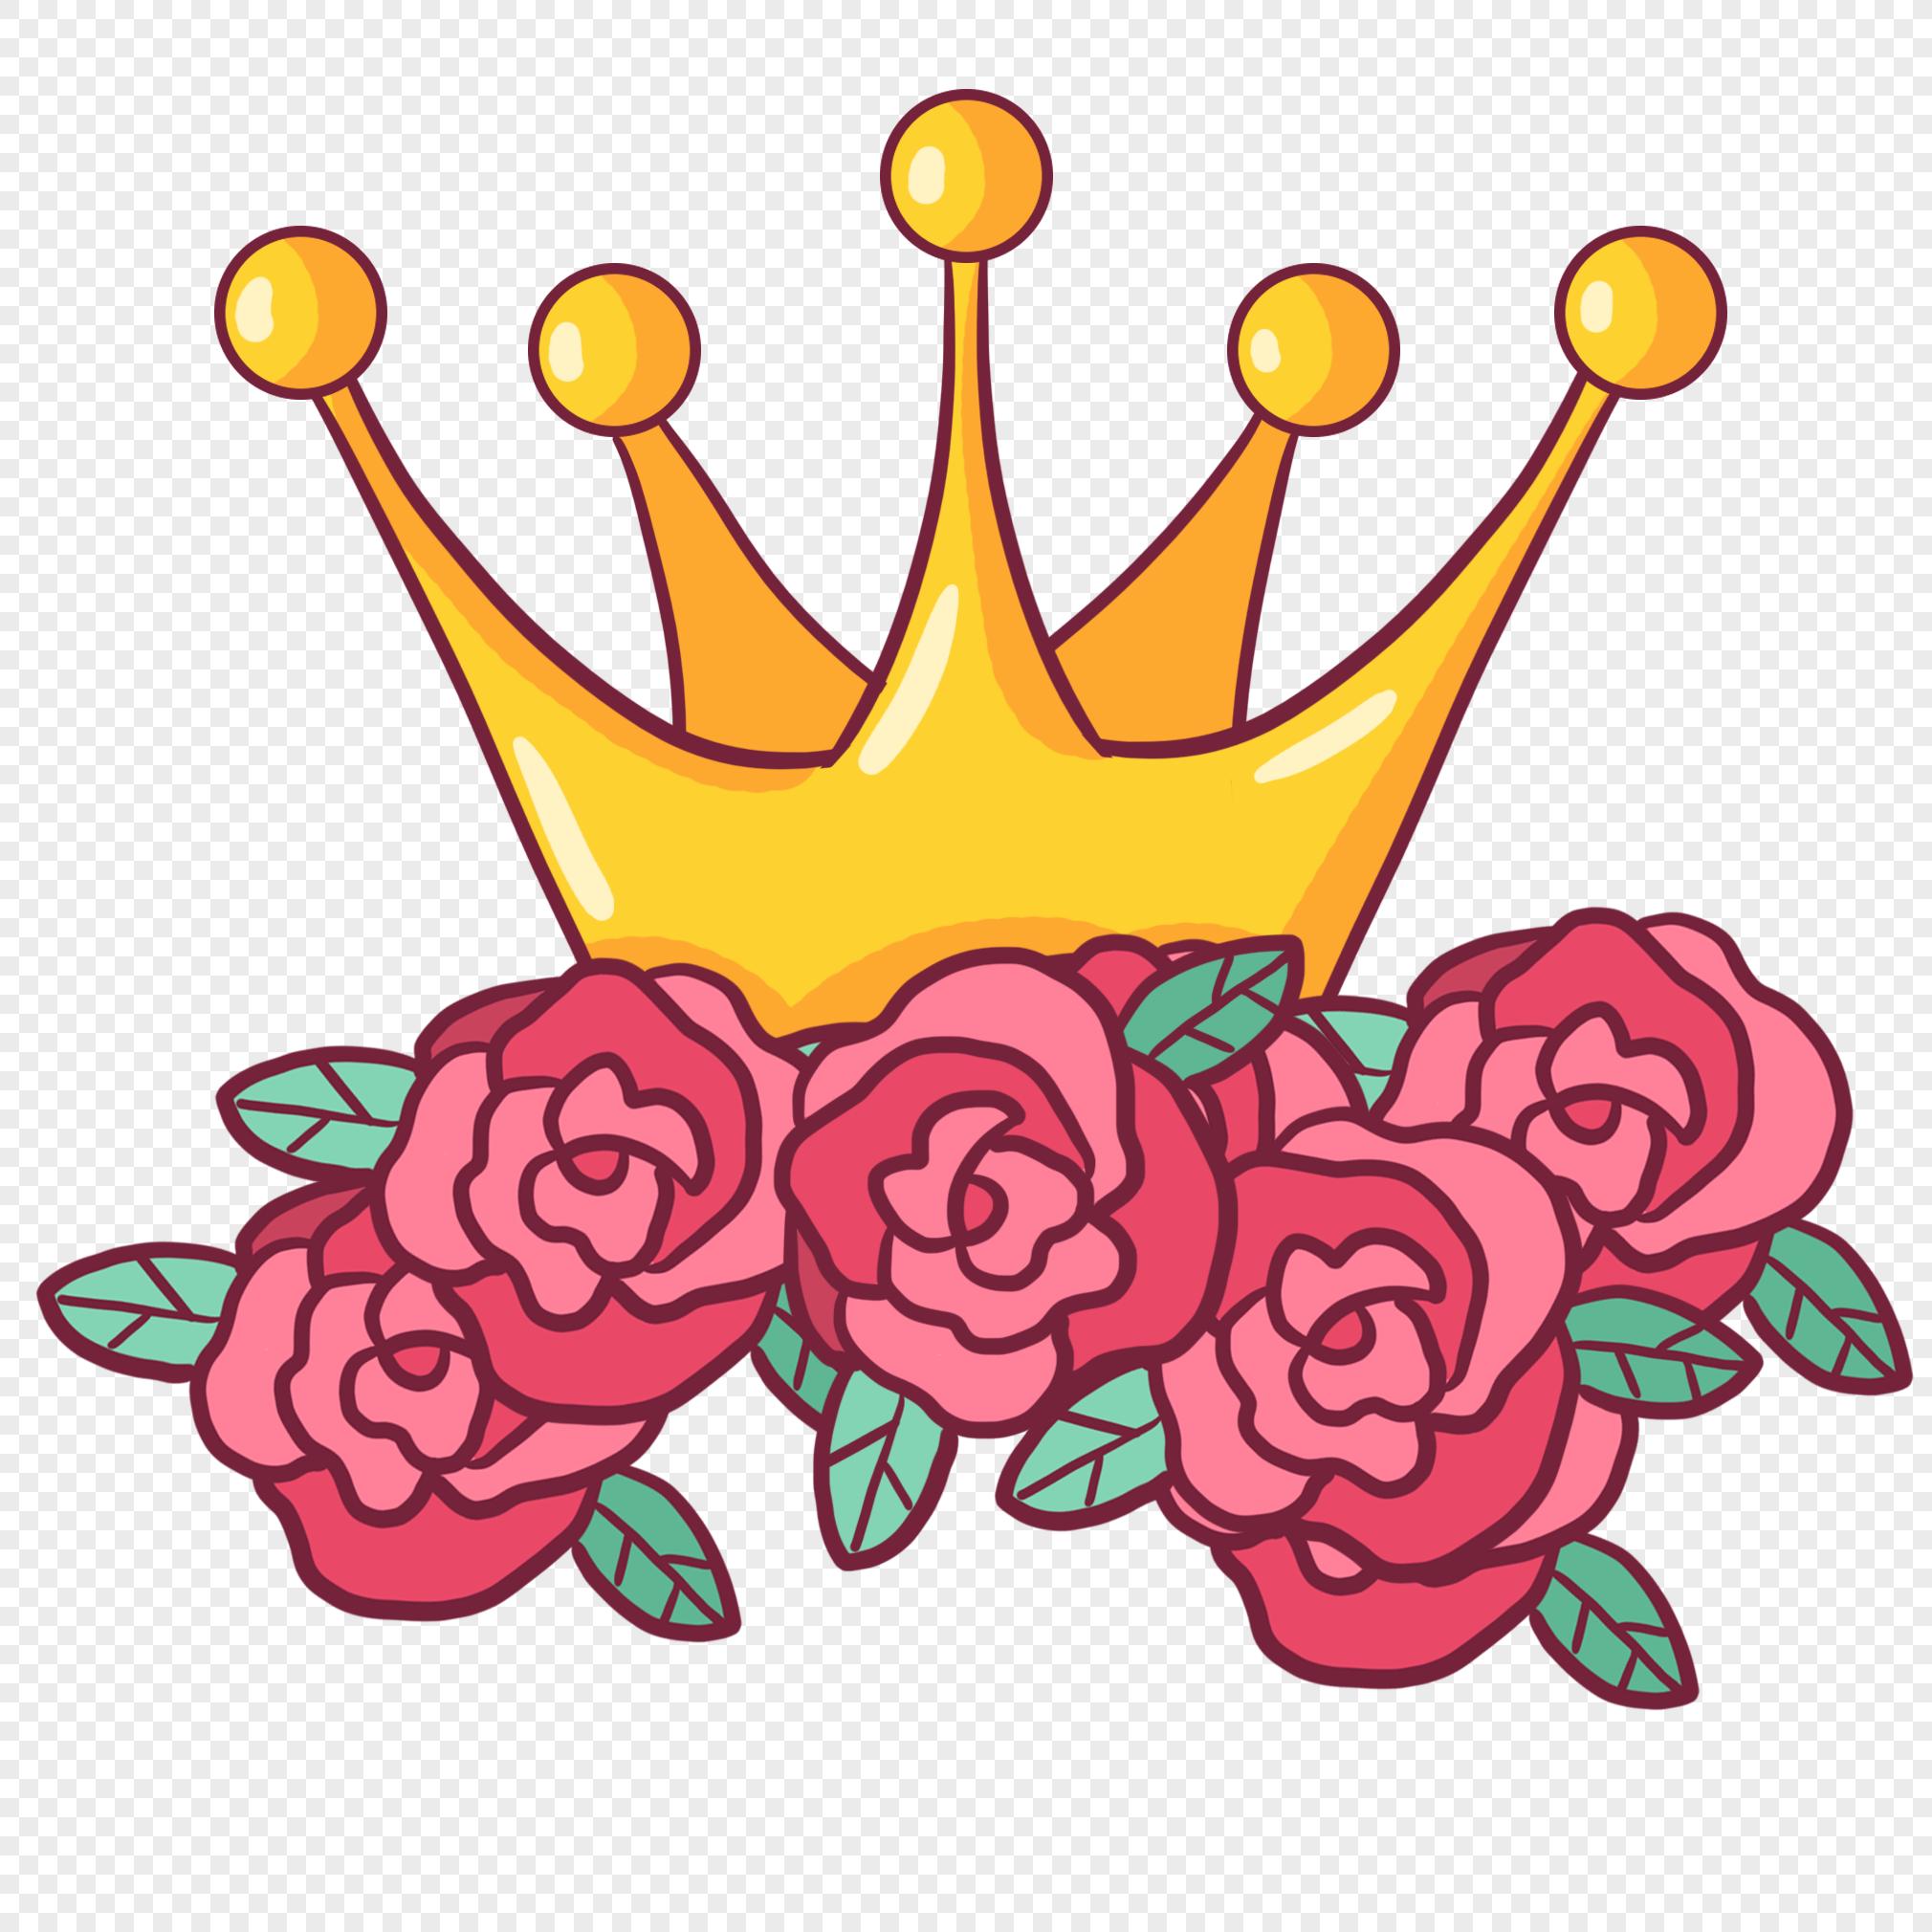 корона с цветами картинки японии